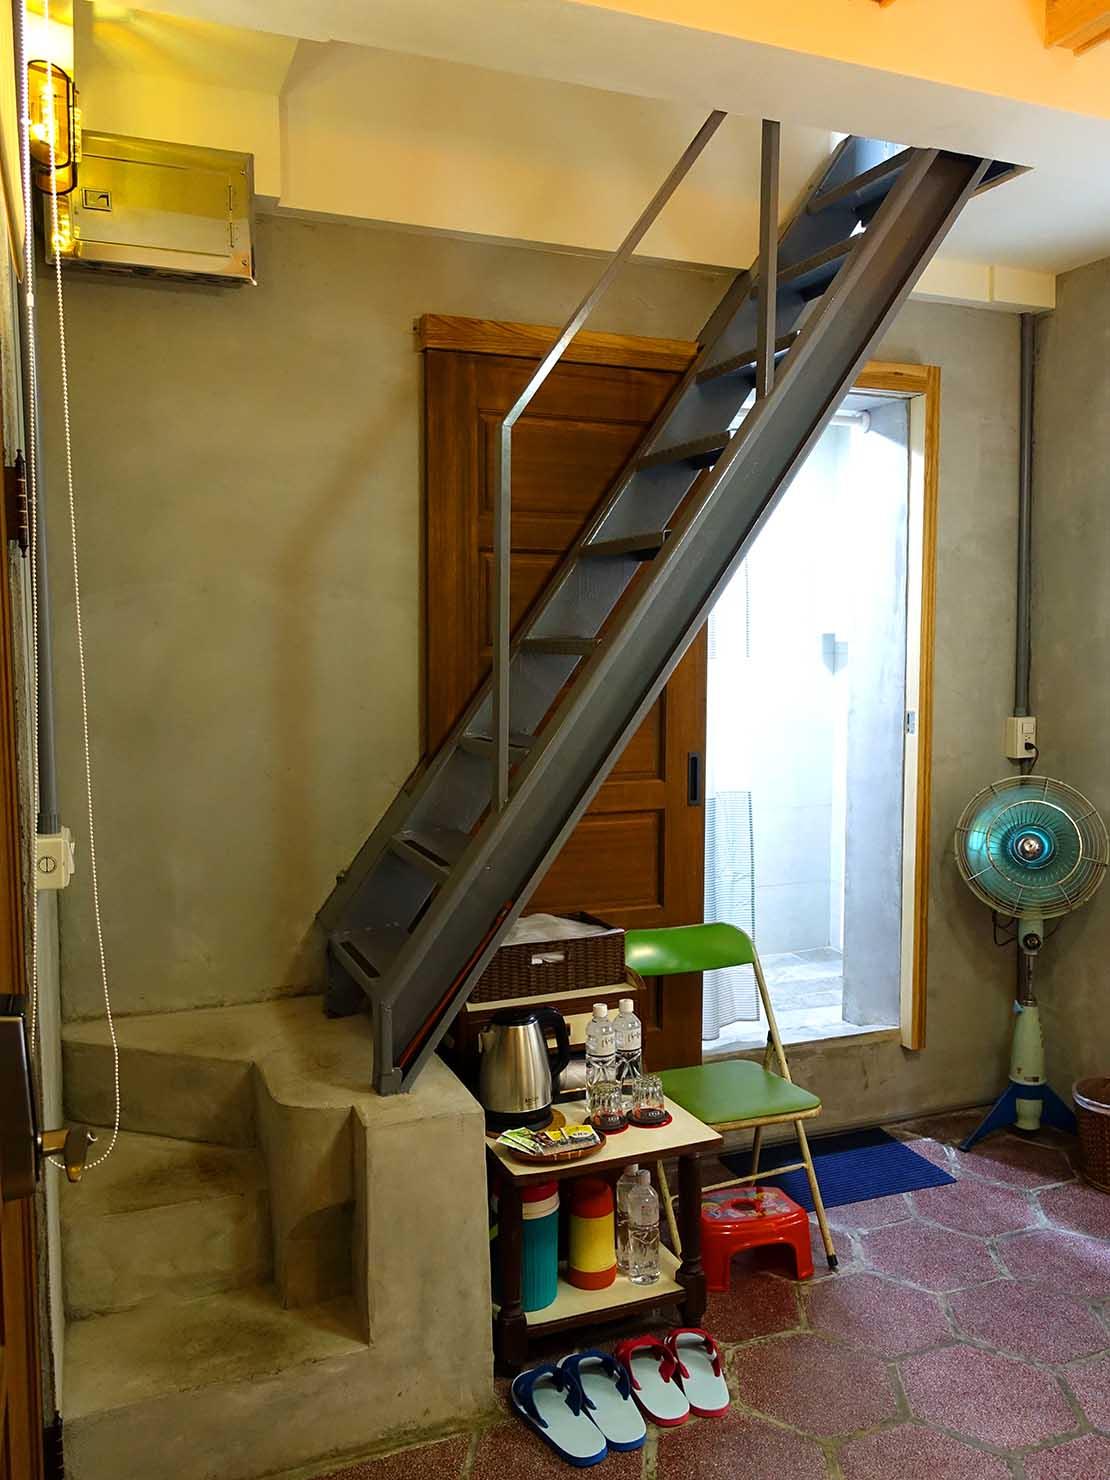 台南のおすすめ古民家ゲストハウス「永福97.1」アティックキャビン1Fから伸びる階段